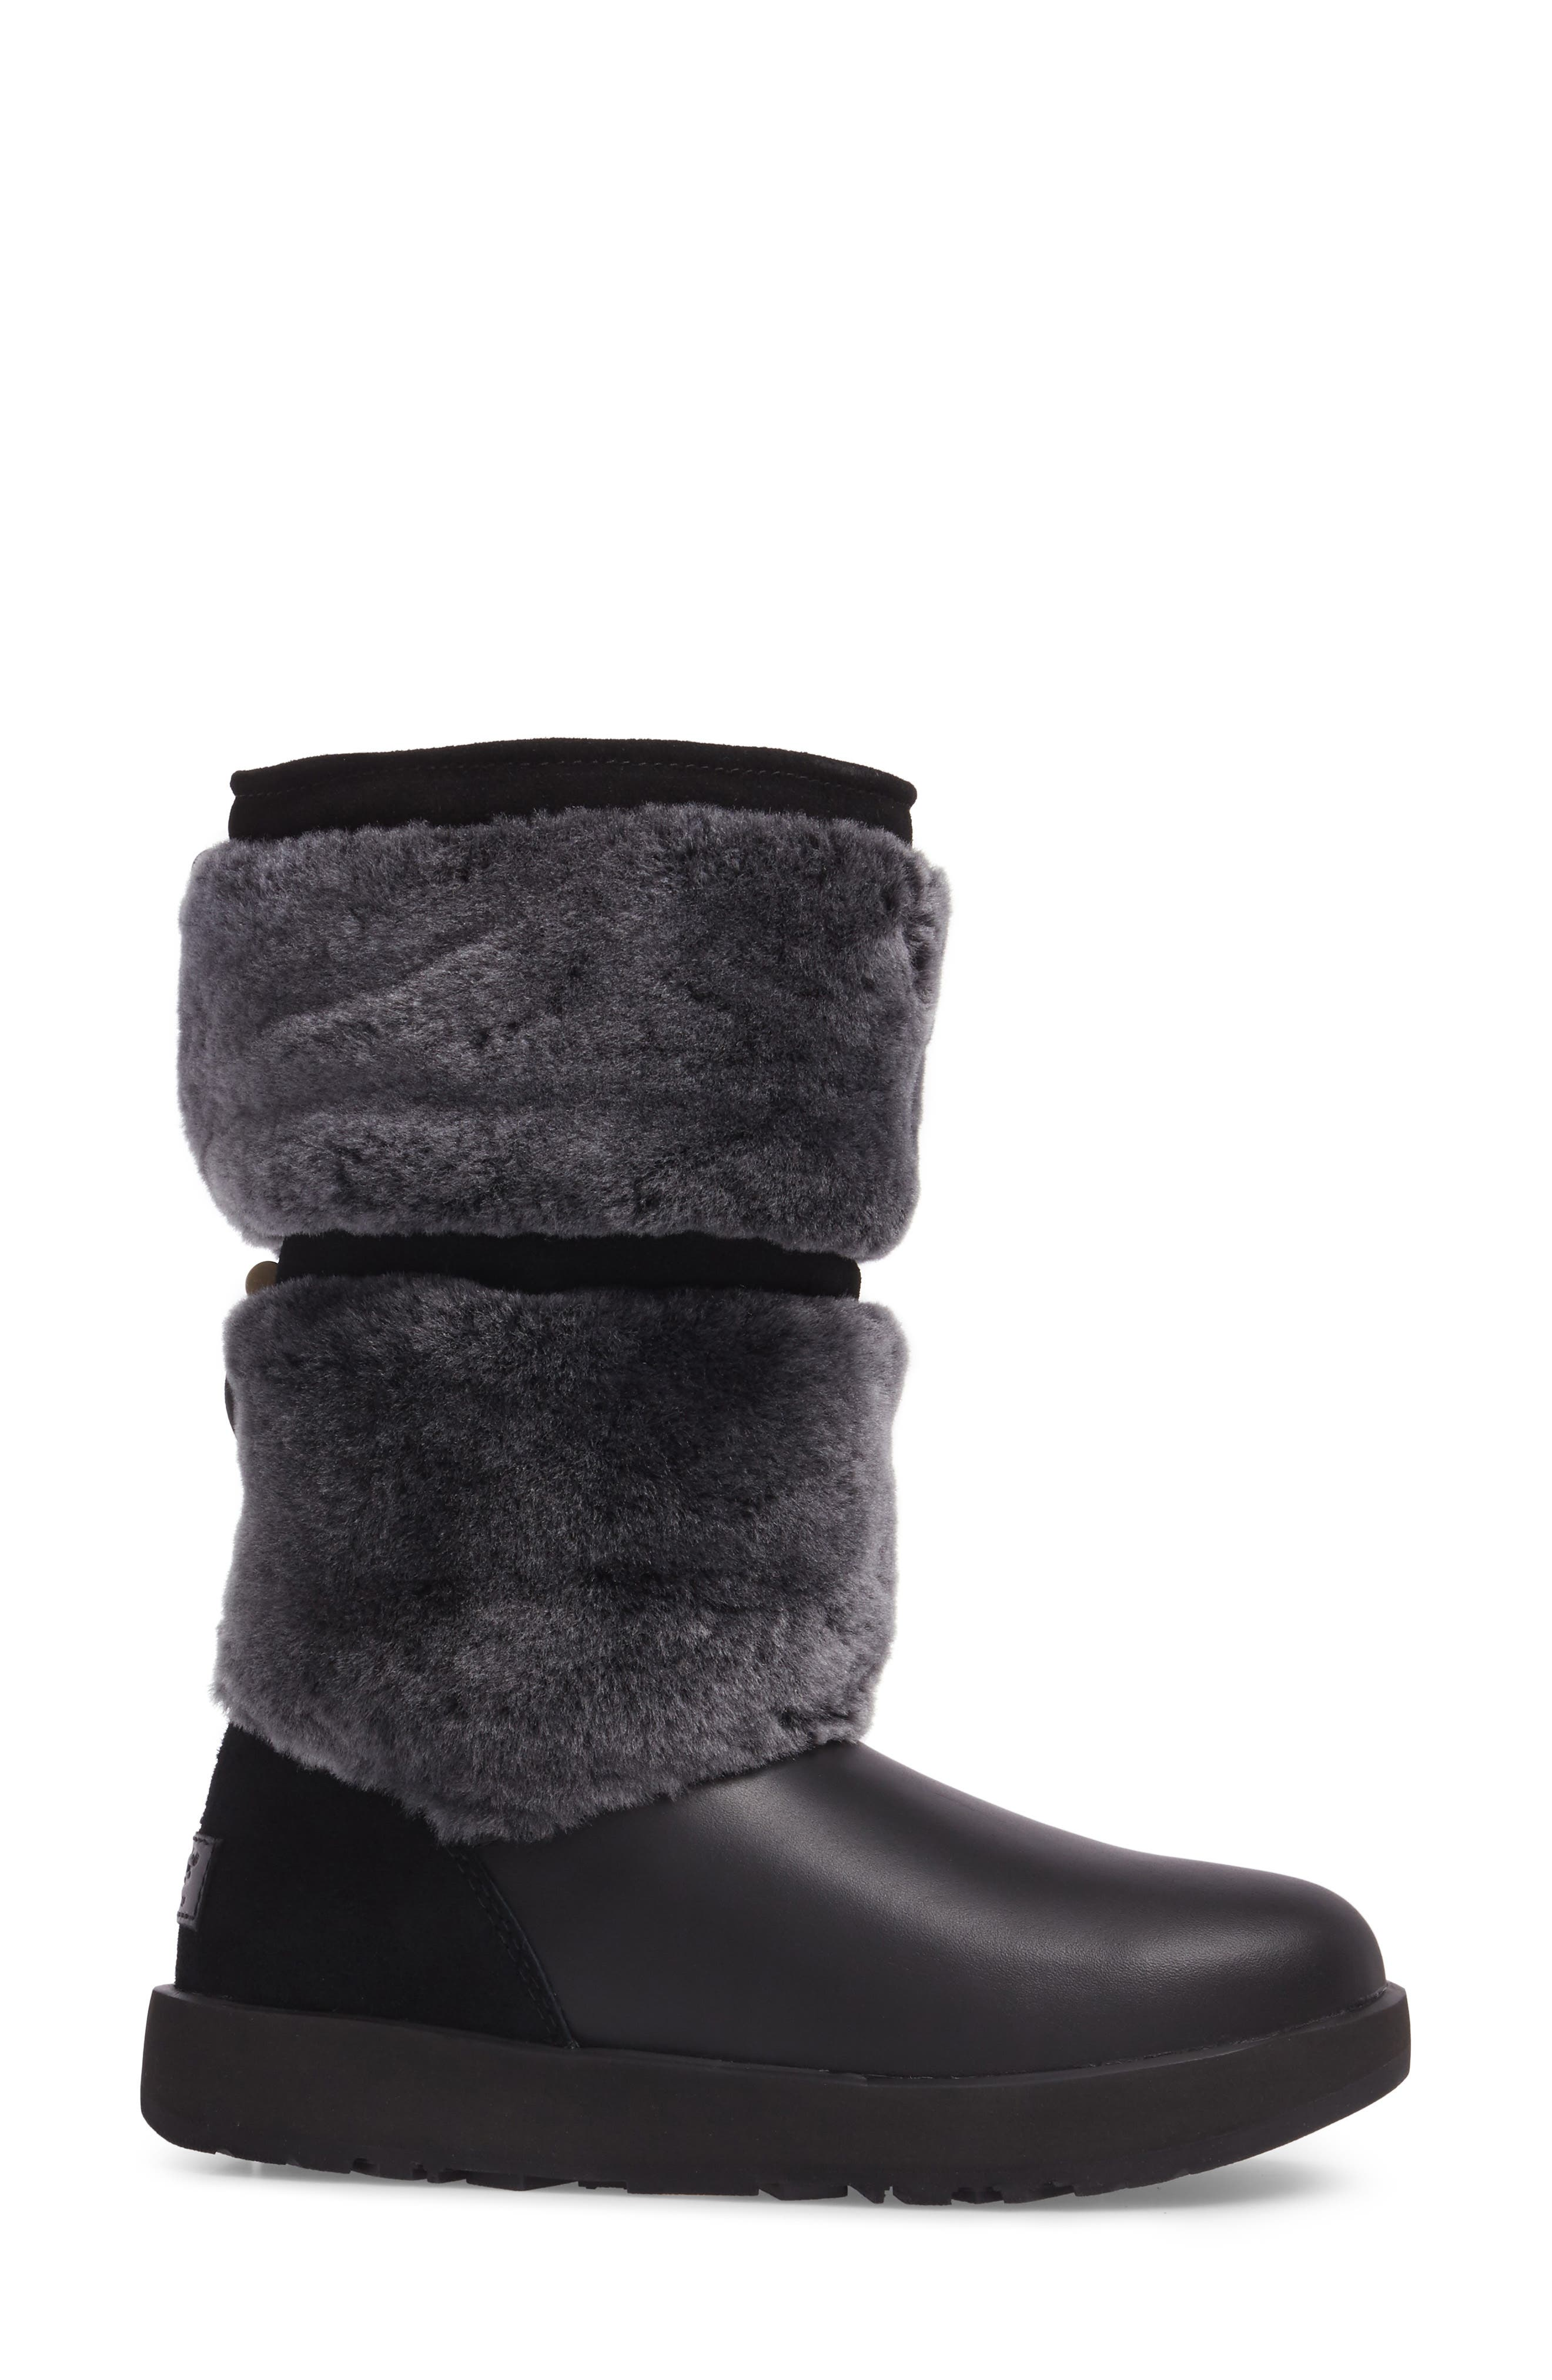 Reykir Waterproof Snow Boot,                             Alternate thumbnail 7, color,